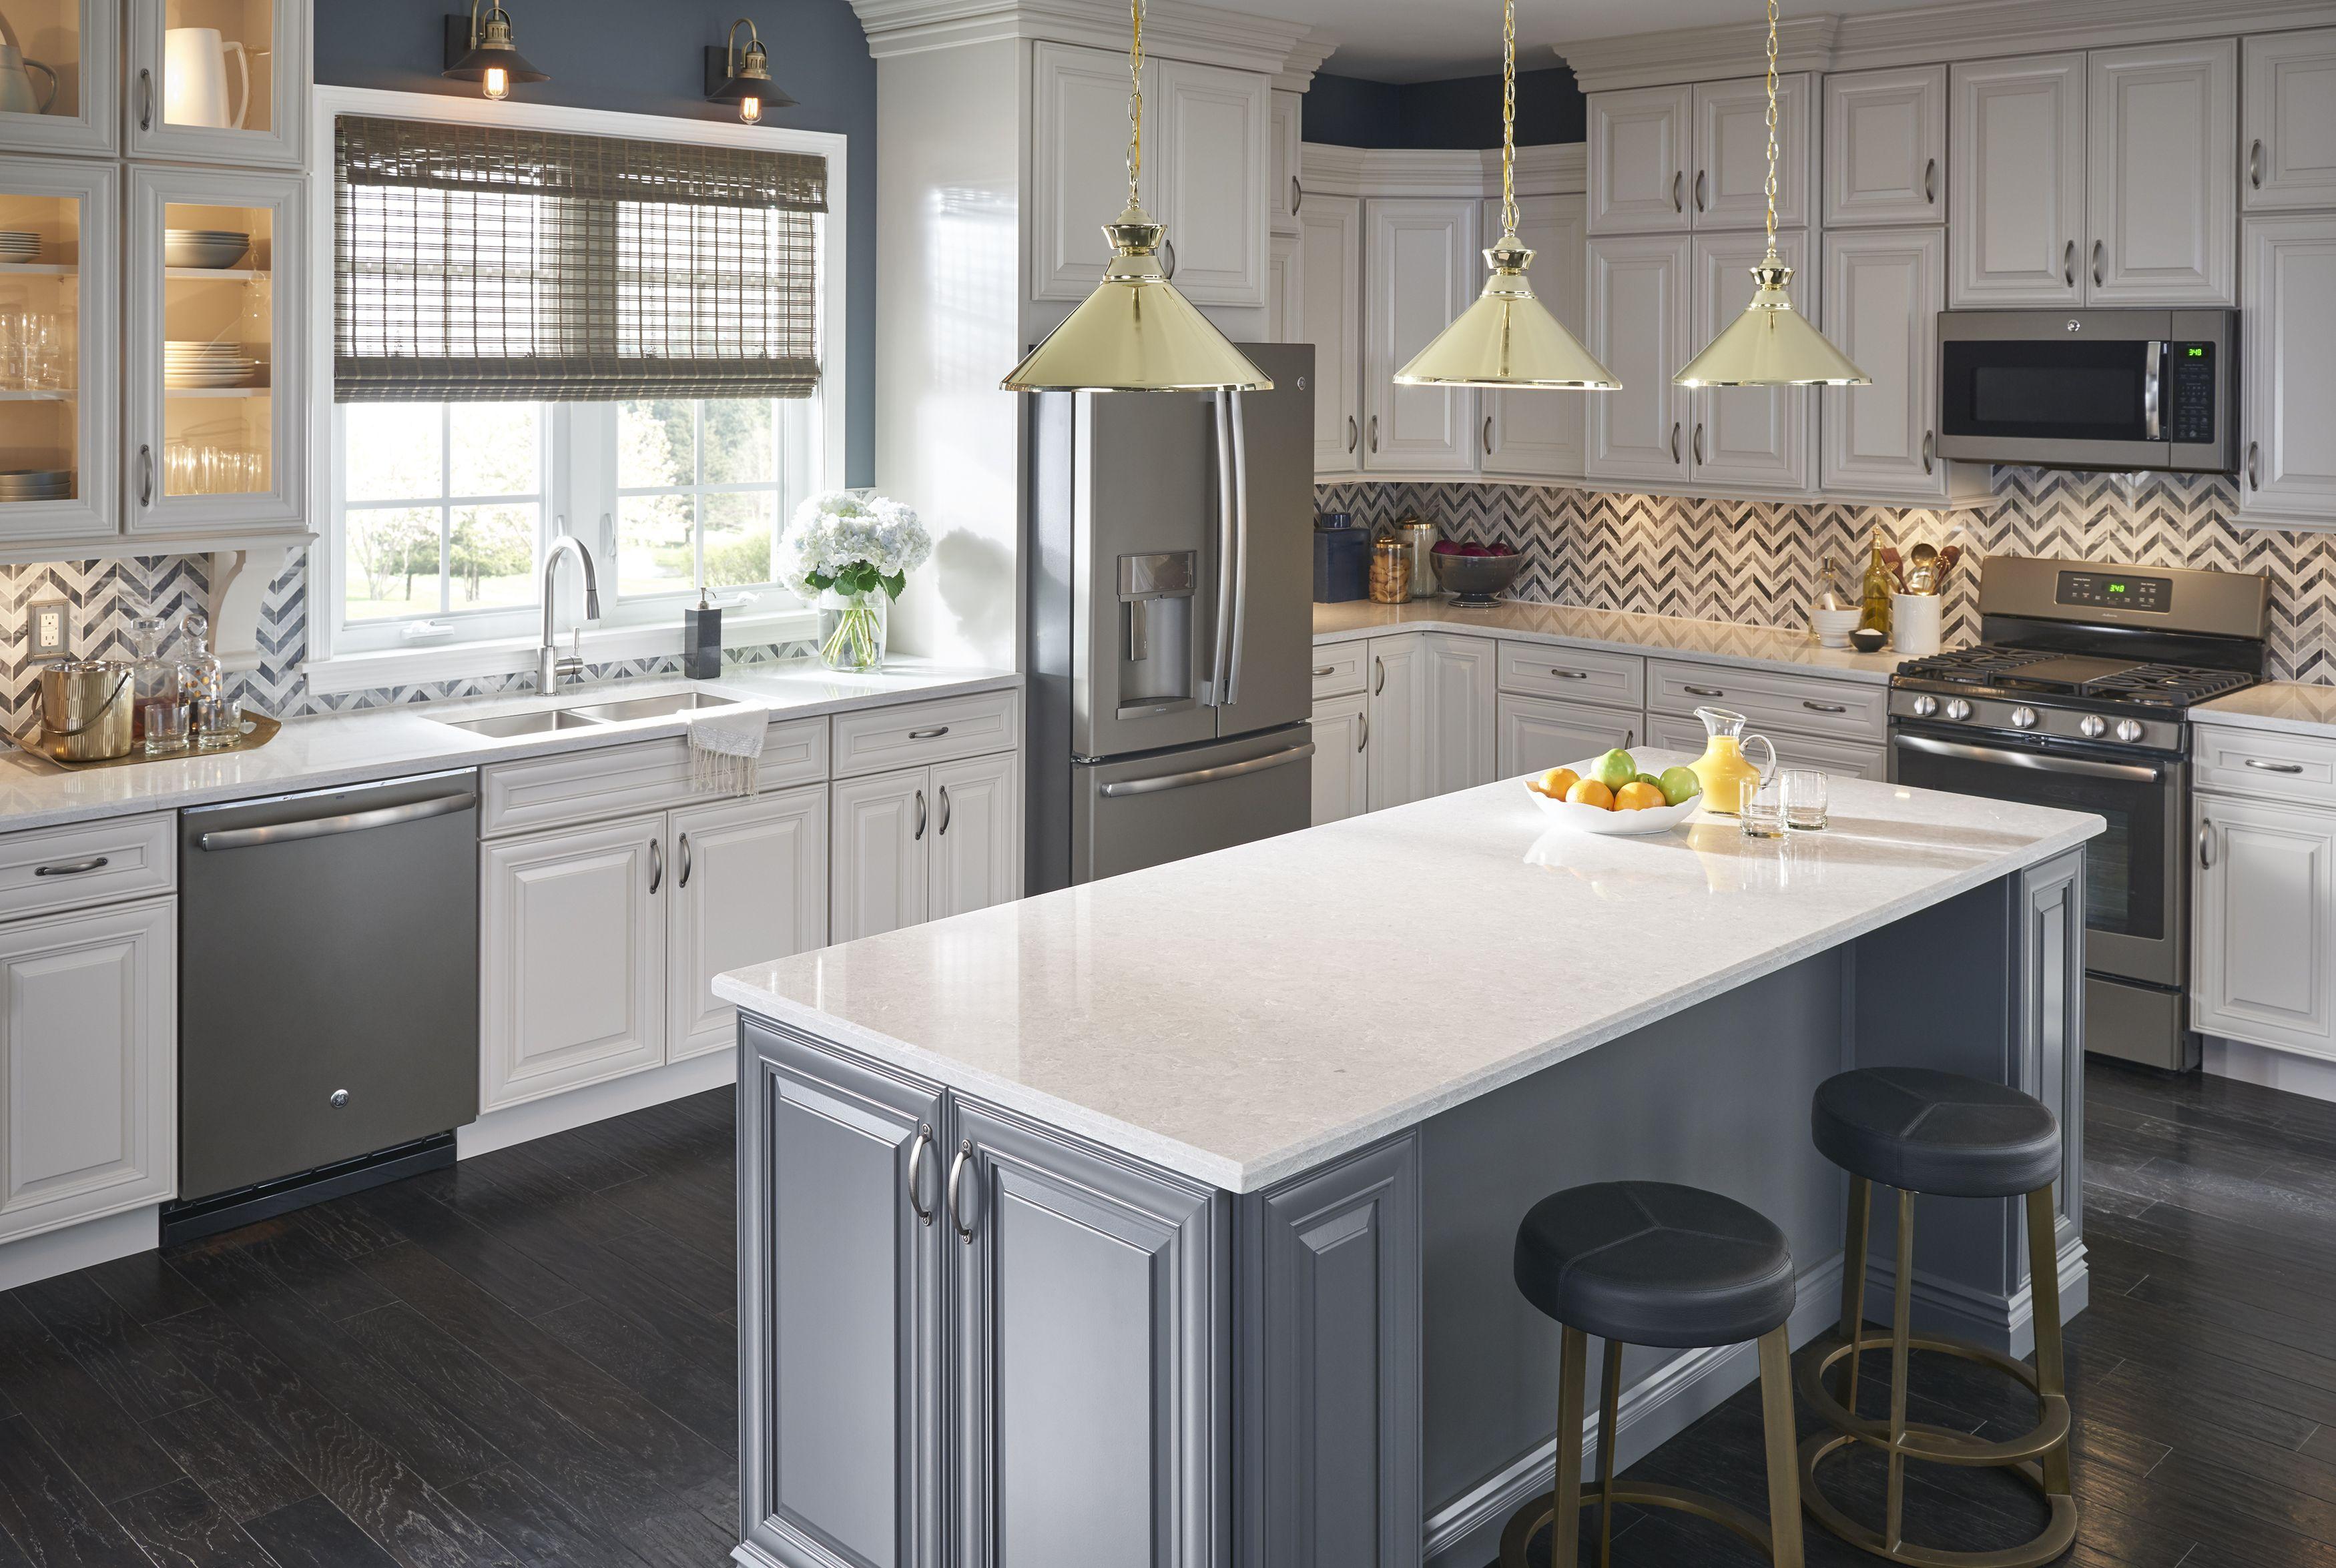 Quartet Quartz Counters By Viatera Photo Courtesy Of Viatera Countertops Home Design Decor Kitchen Design